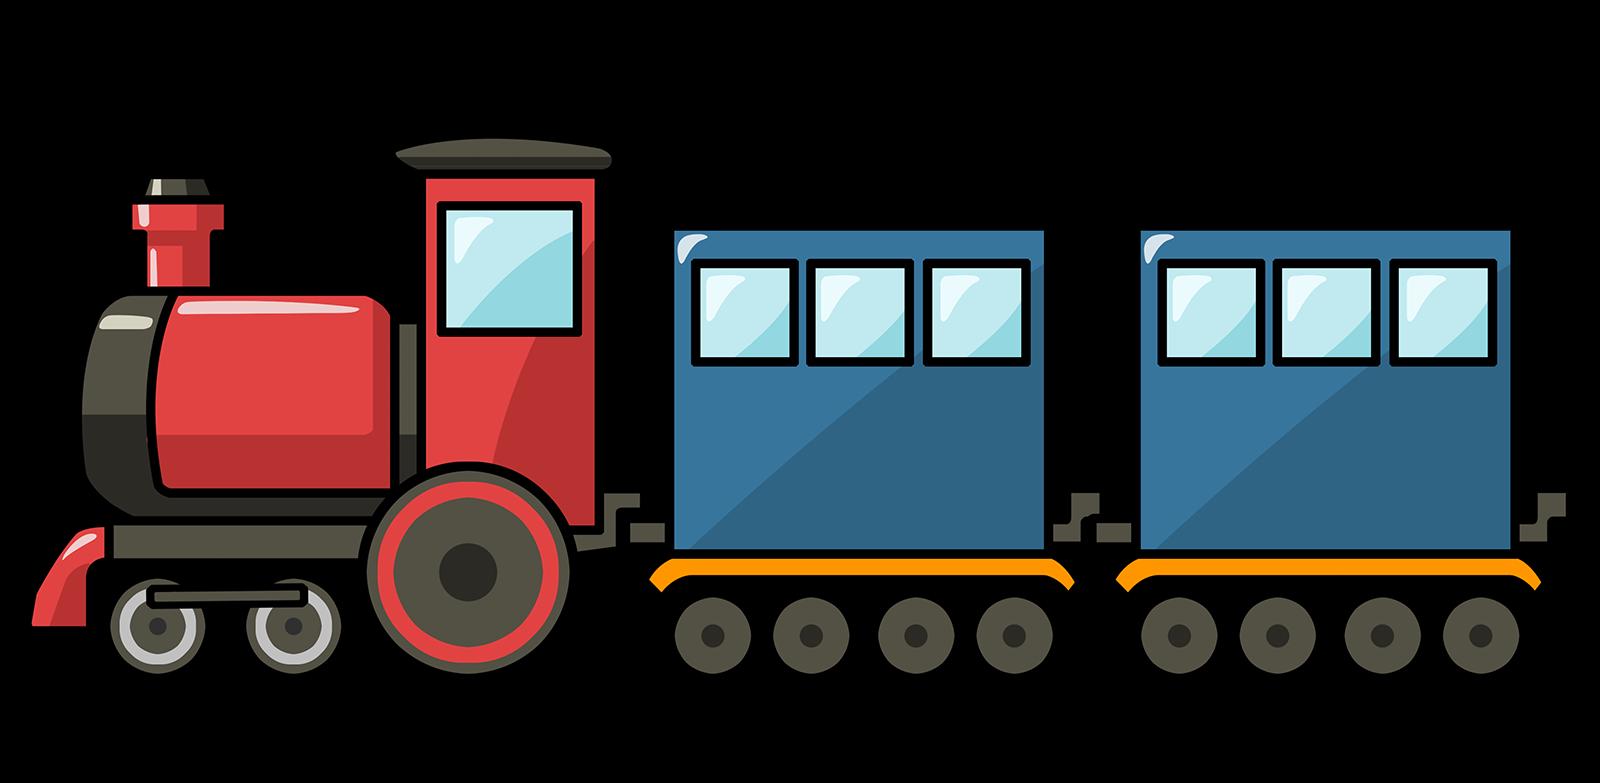 1600x783 Cartoon Train Free Cute Cartoon Train Clip Art Cartoon Trains